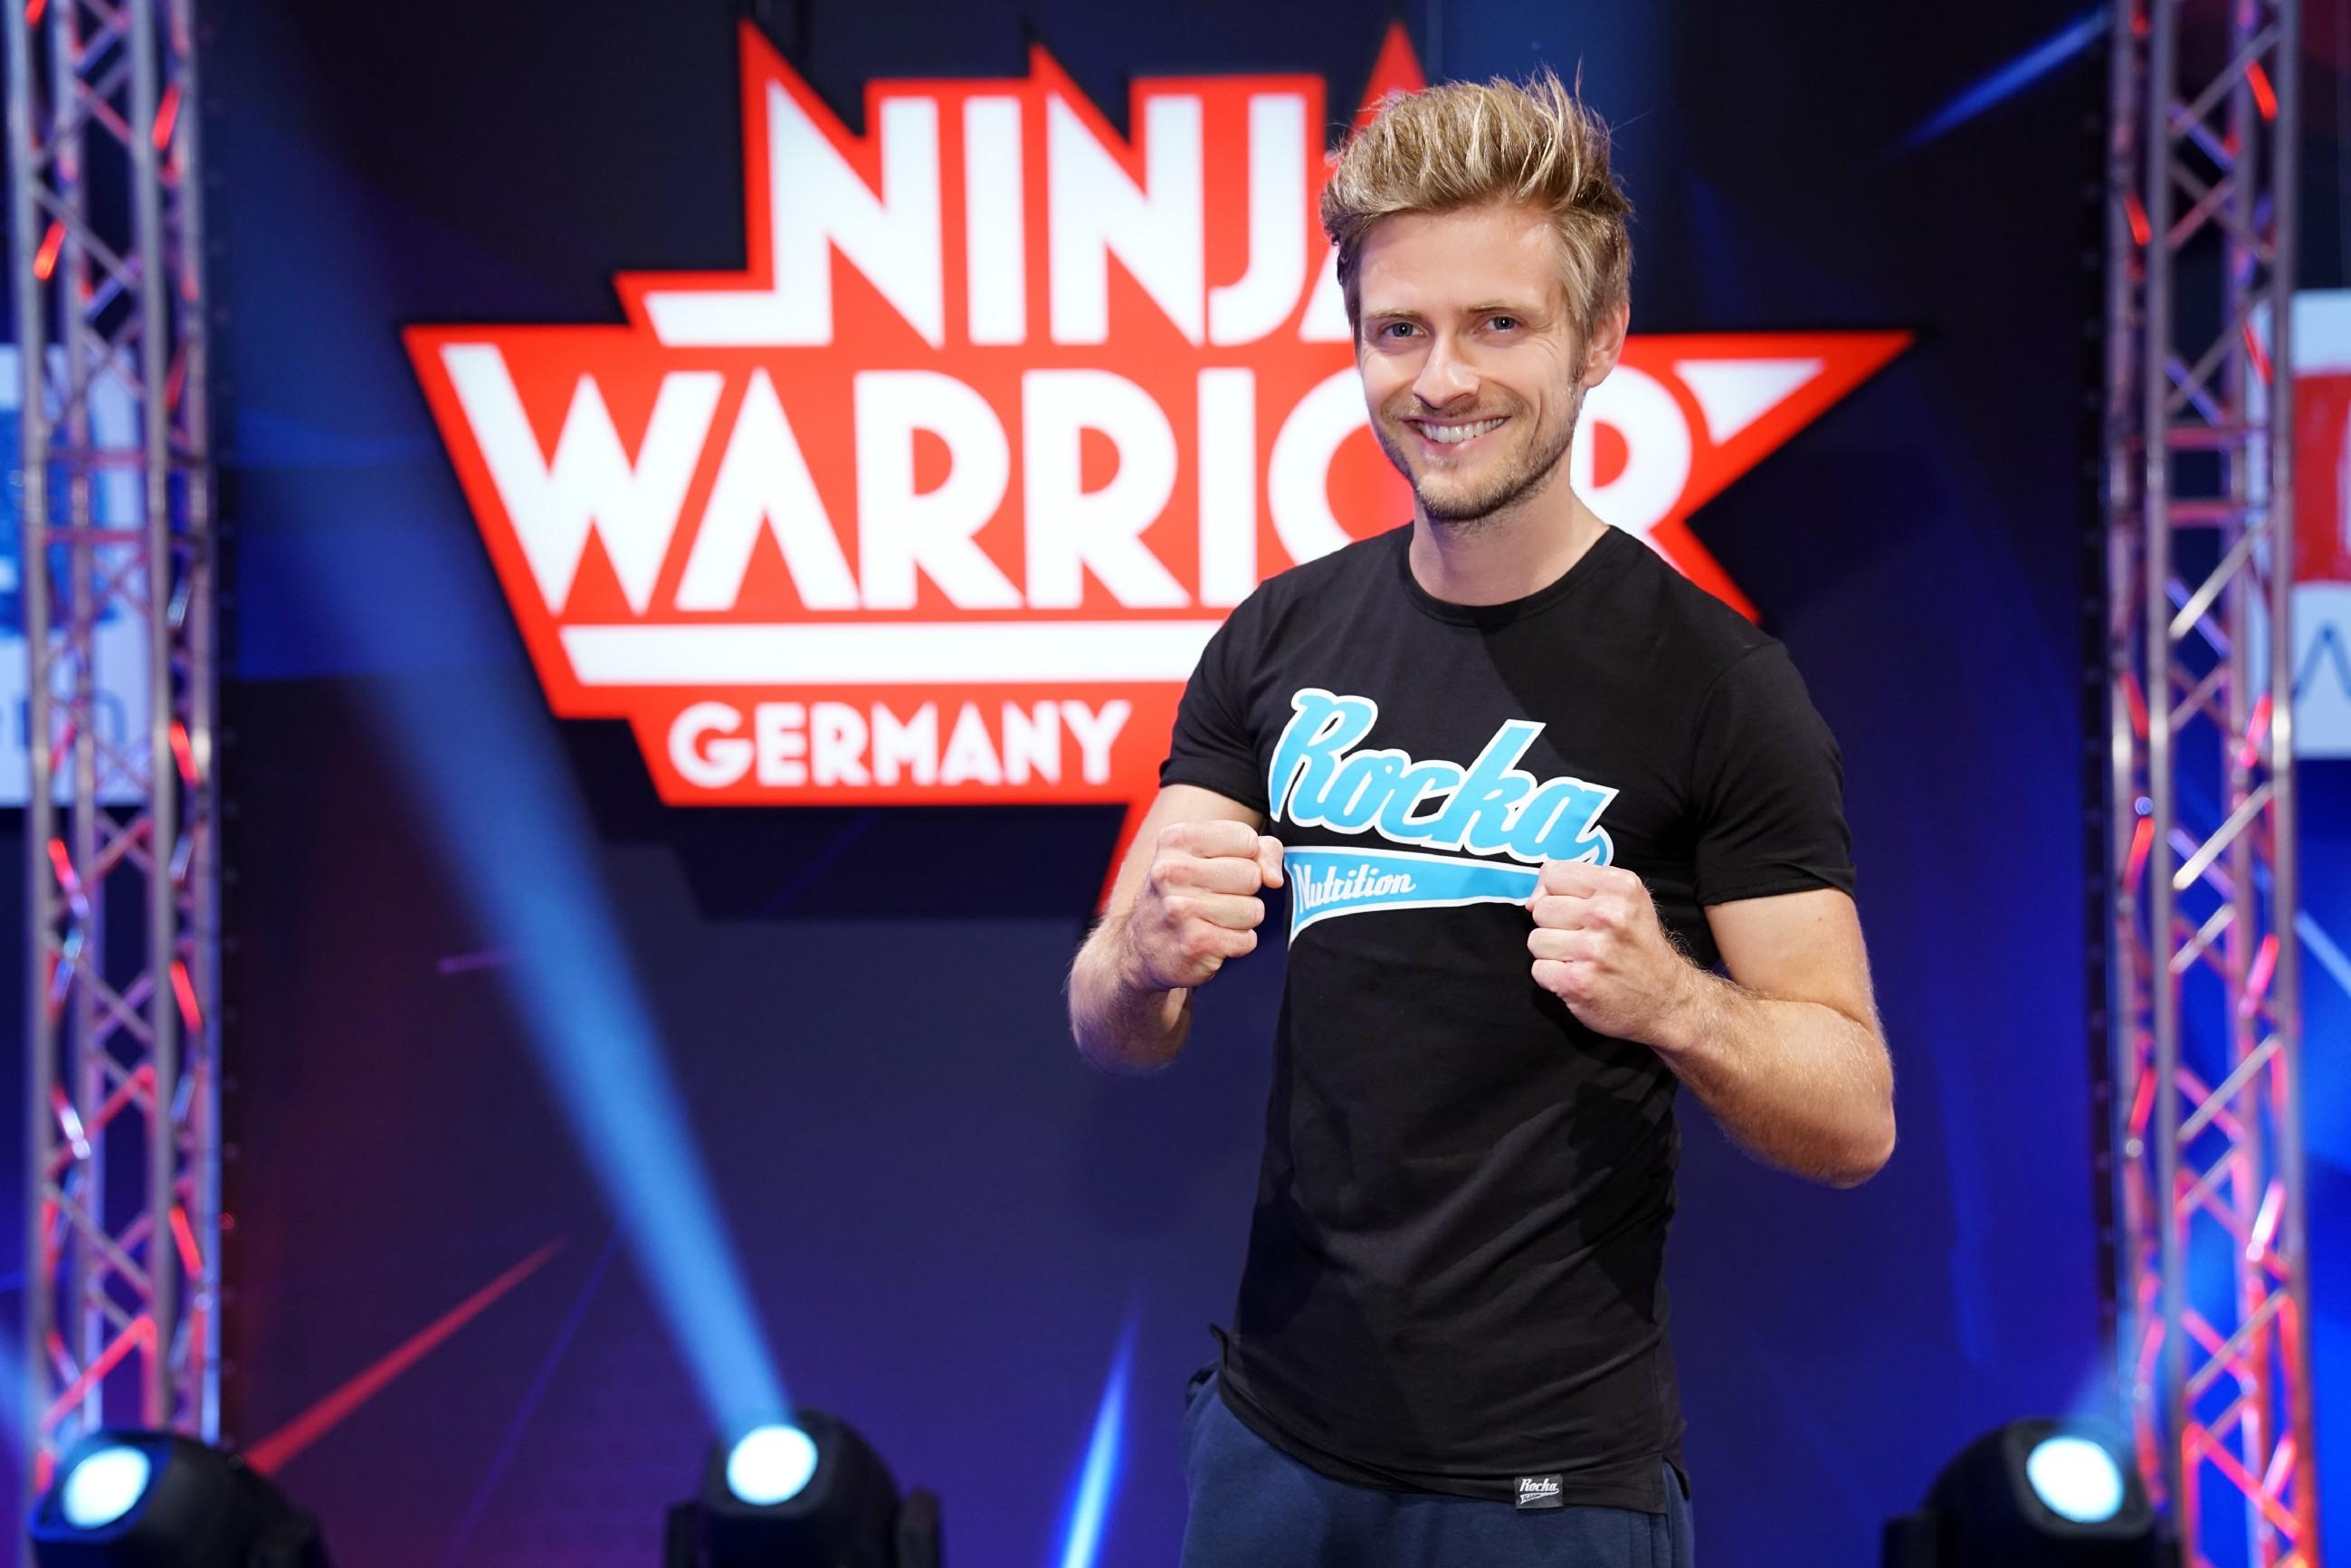 ninja warrior germany promi special das sind die 26 kandidaten stars on tv